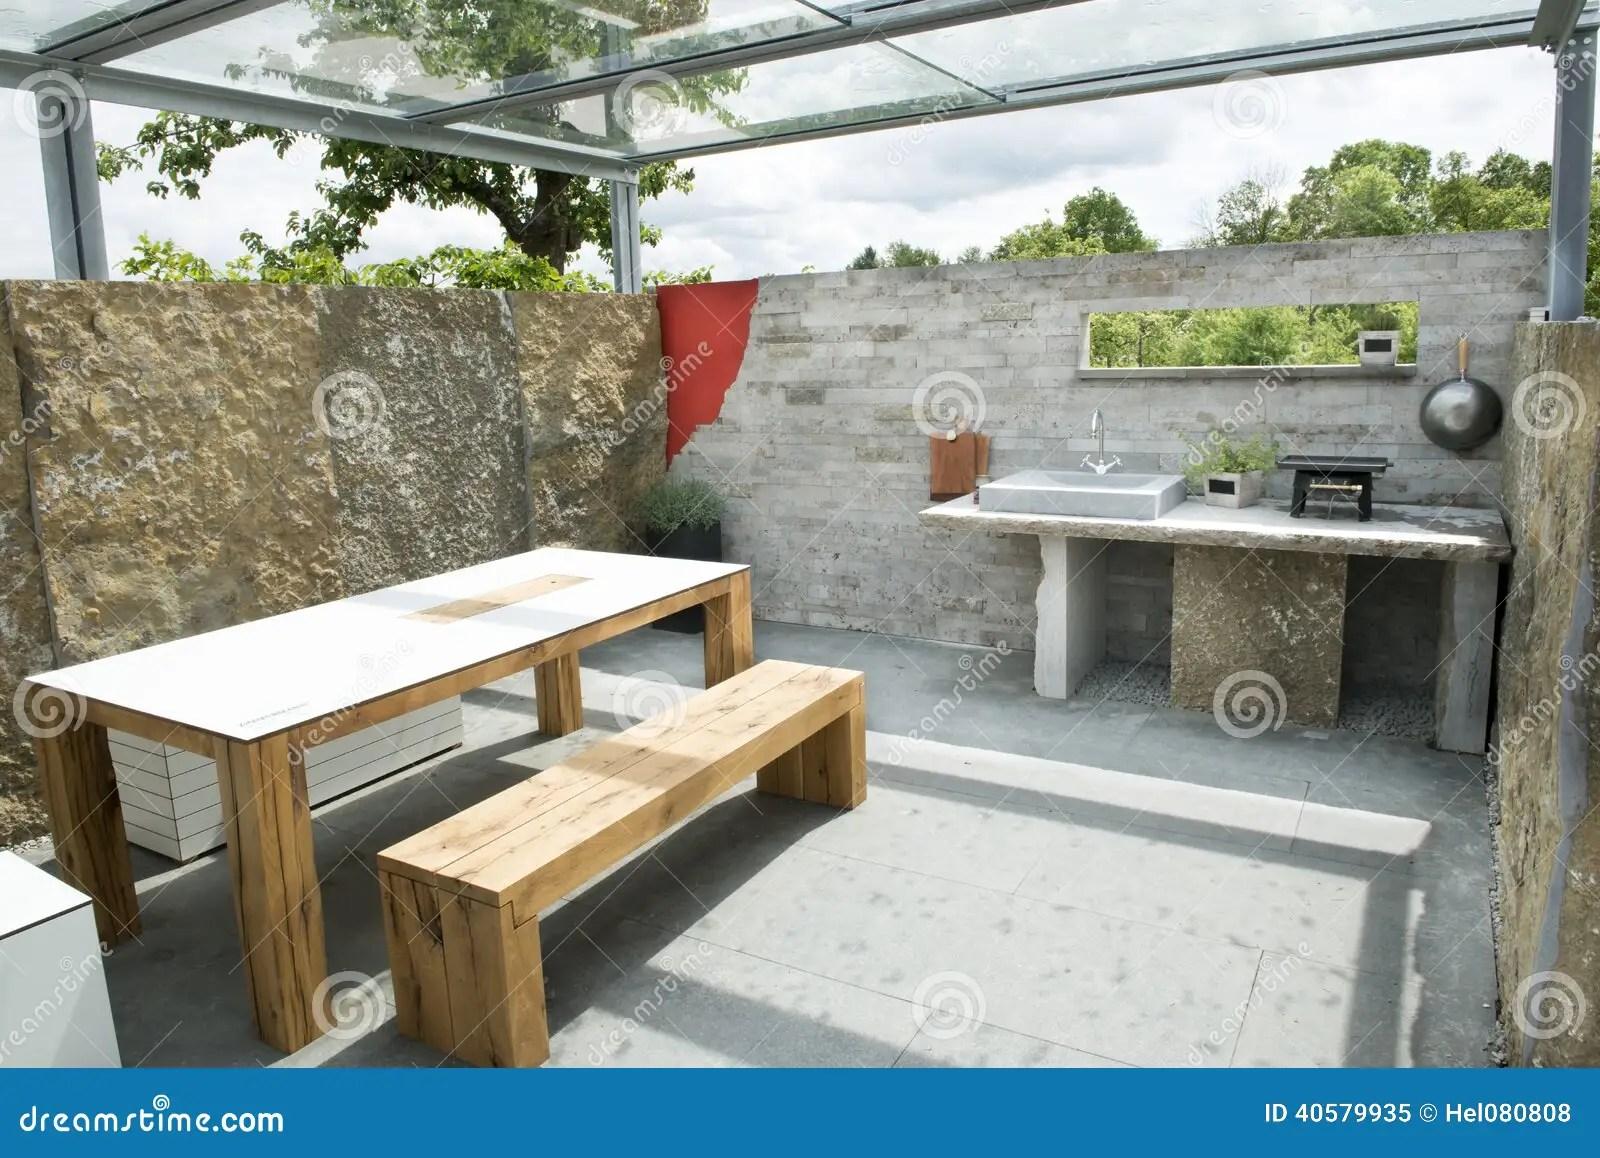 Cucina esterna immagine stock Immagine di terrazzo sgabelli  40579935